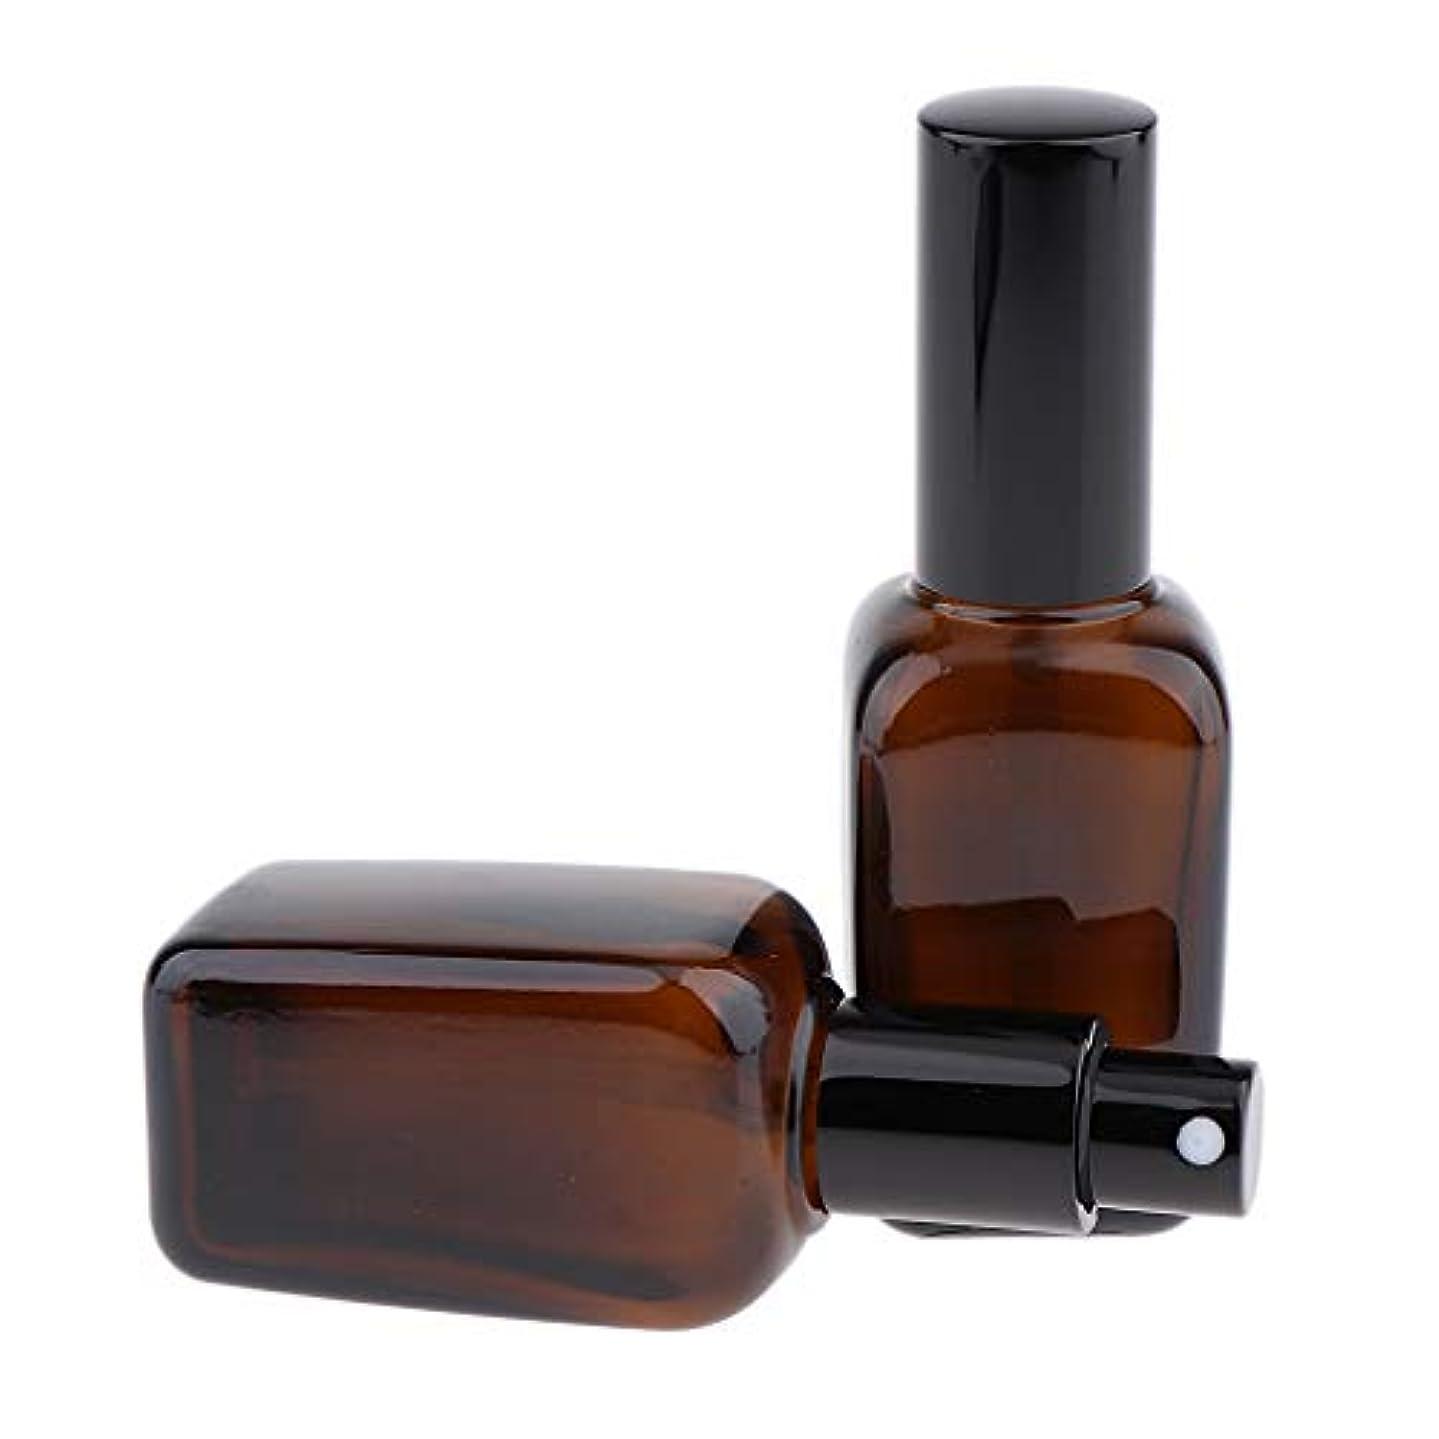 Perfeclan 香水 アロマテラピー エッセンシャルオイル ボトル 10/20/30/50/100ml ガラス 5サイズ選べ - 50ml